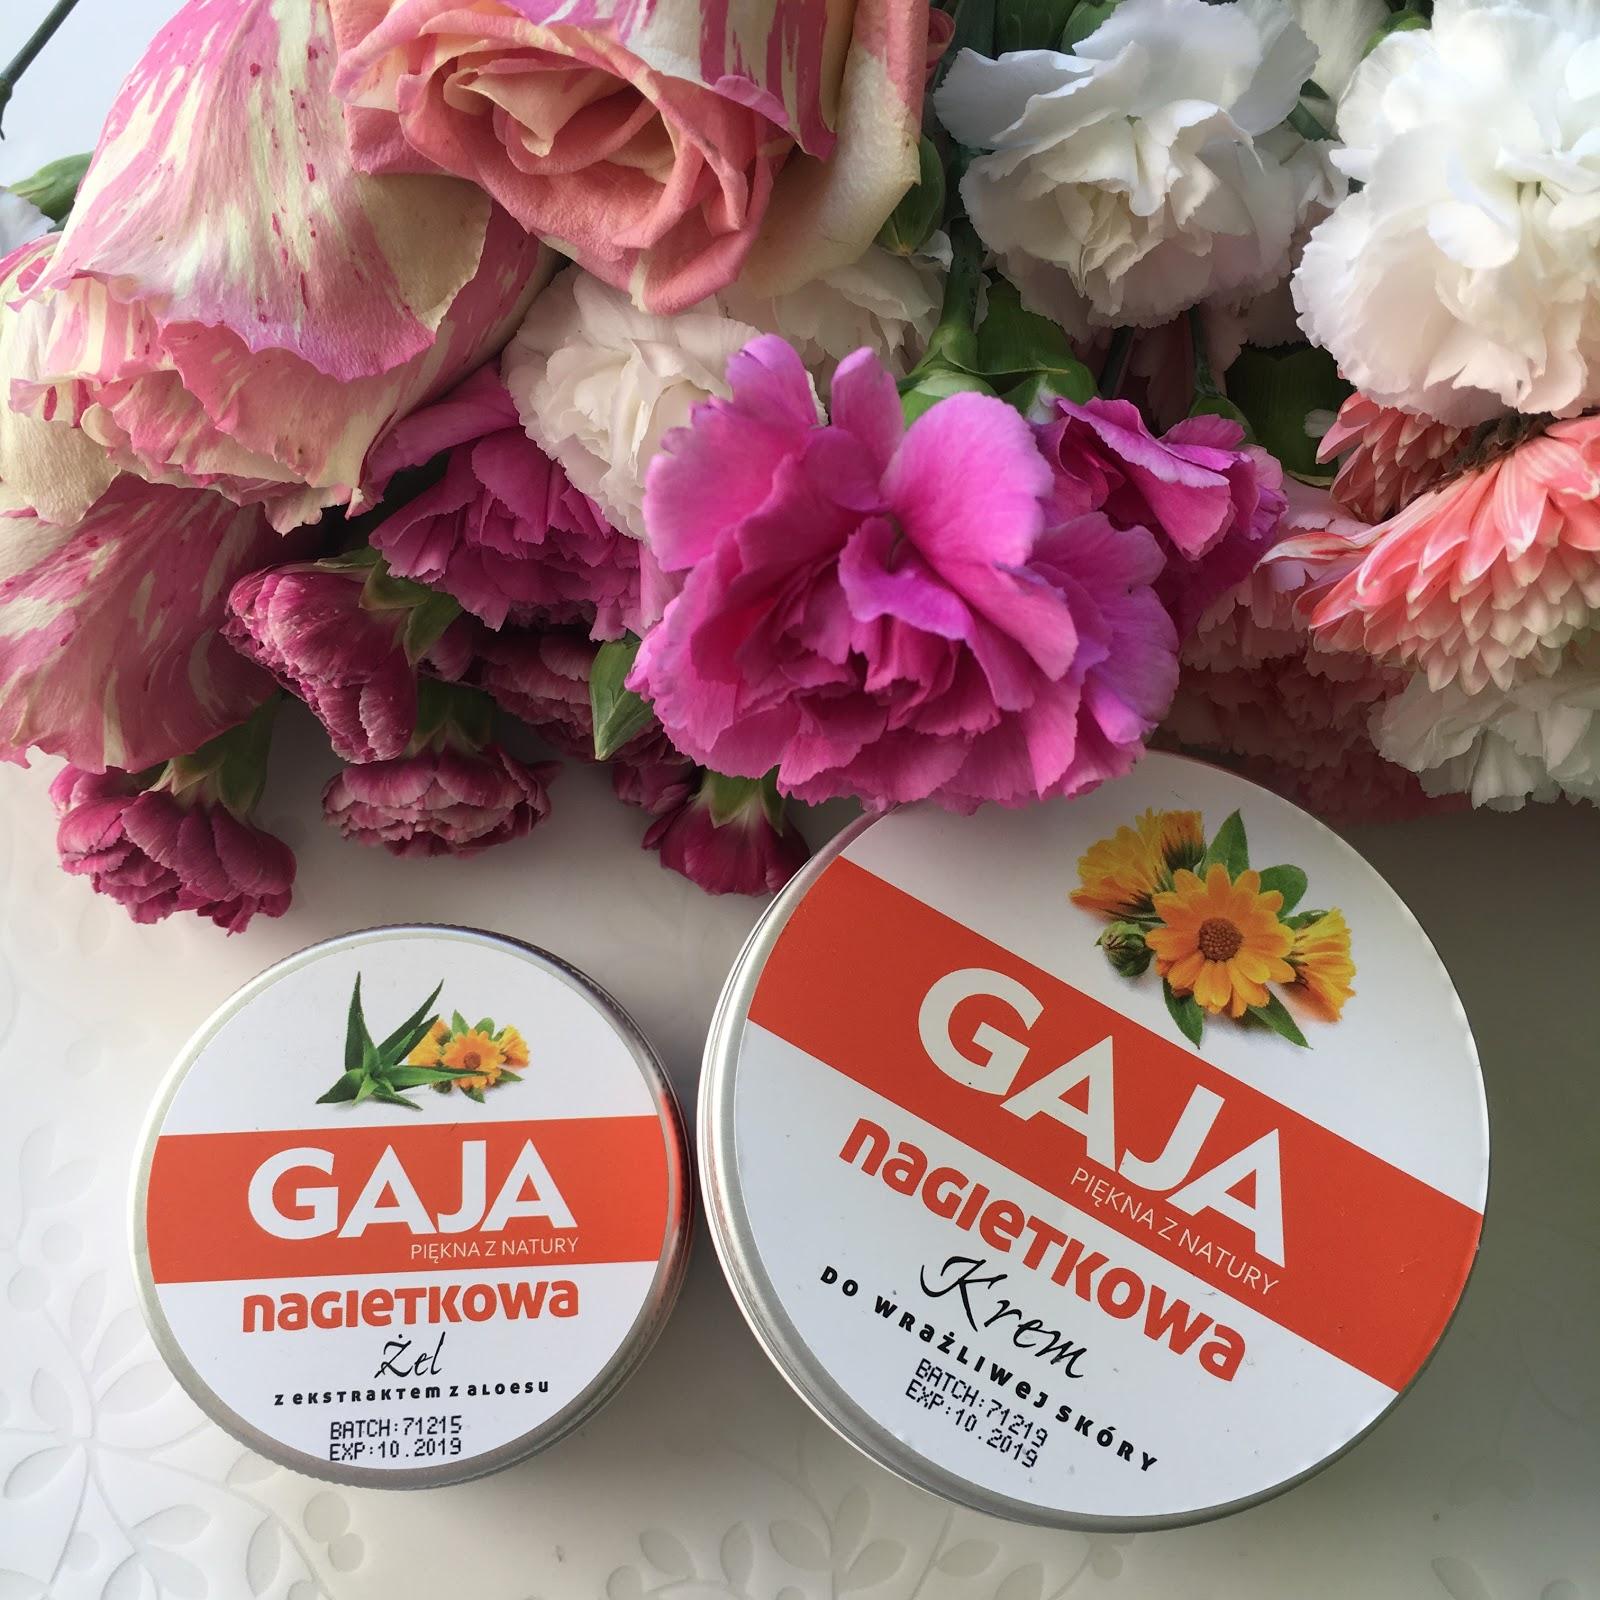 Trochę dłuższe niż zakładałam spotkanie z kosmetykami Gaja, czyli serią Nagietkową, Krem do wrażliwej skóry oraz Żel z ekstraktem z aloesu.